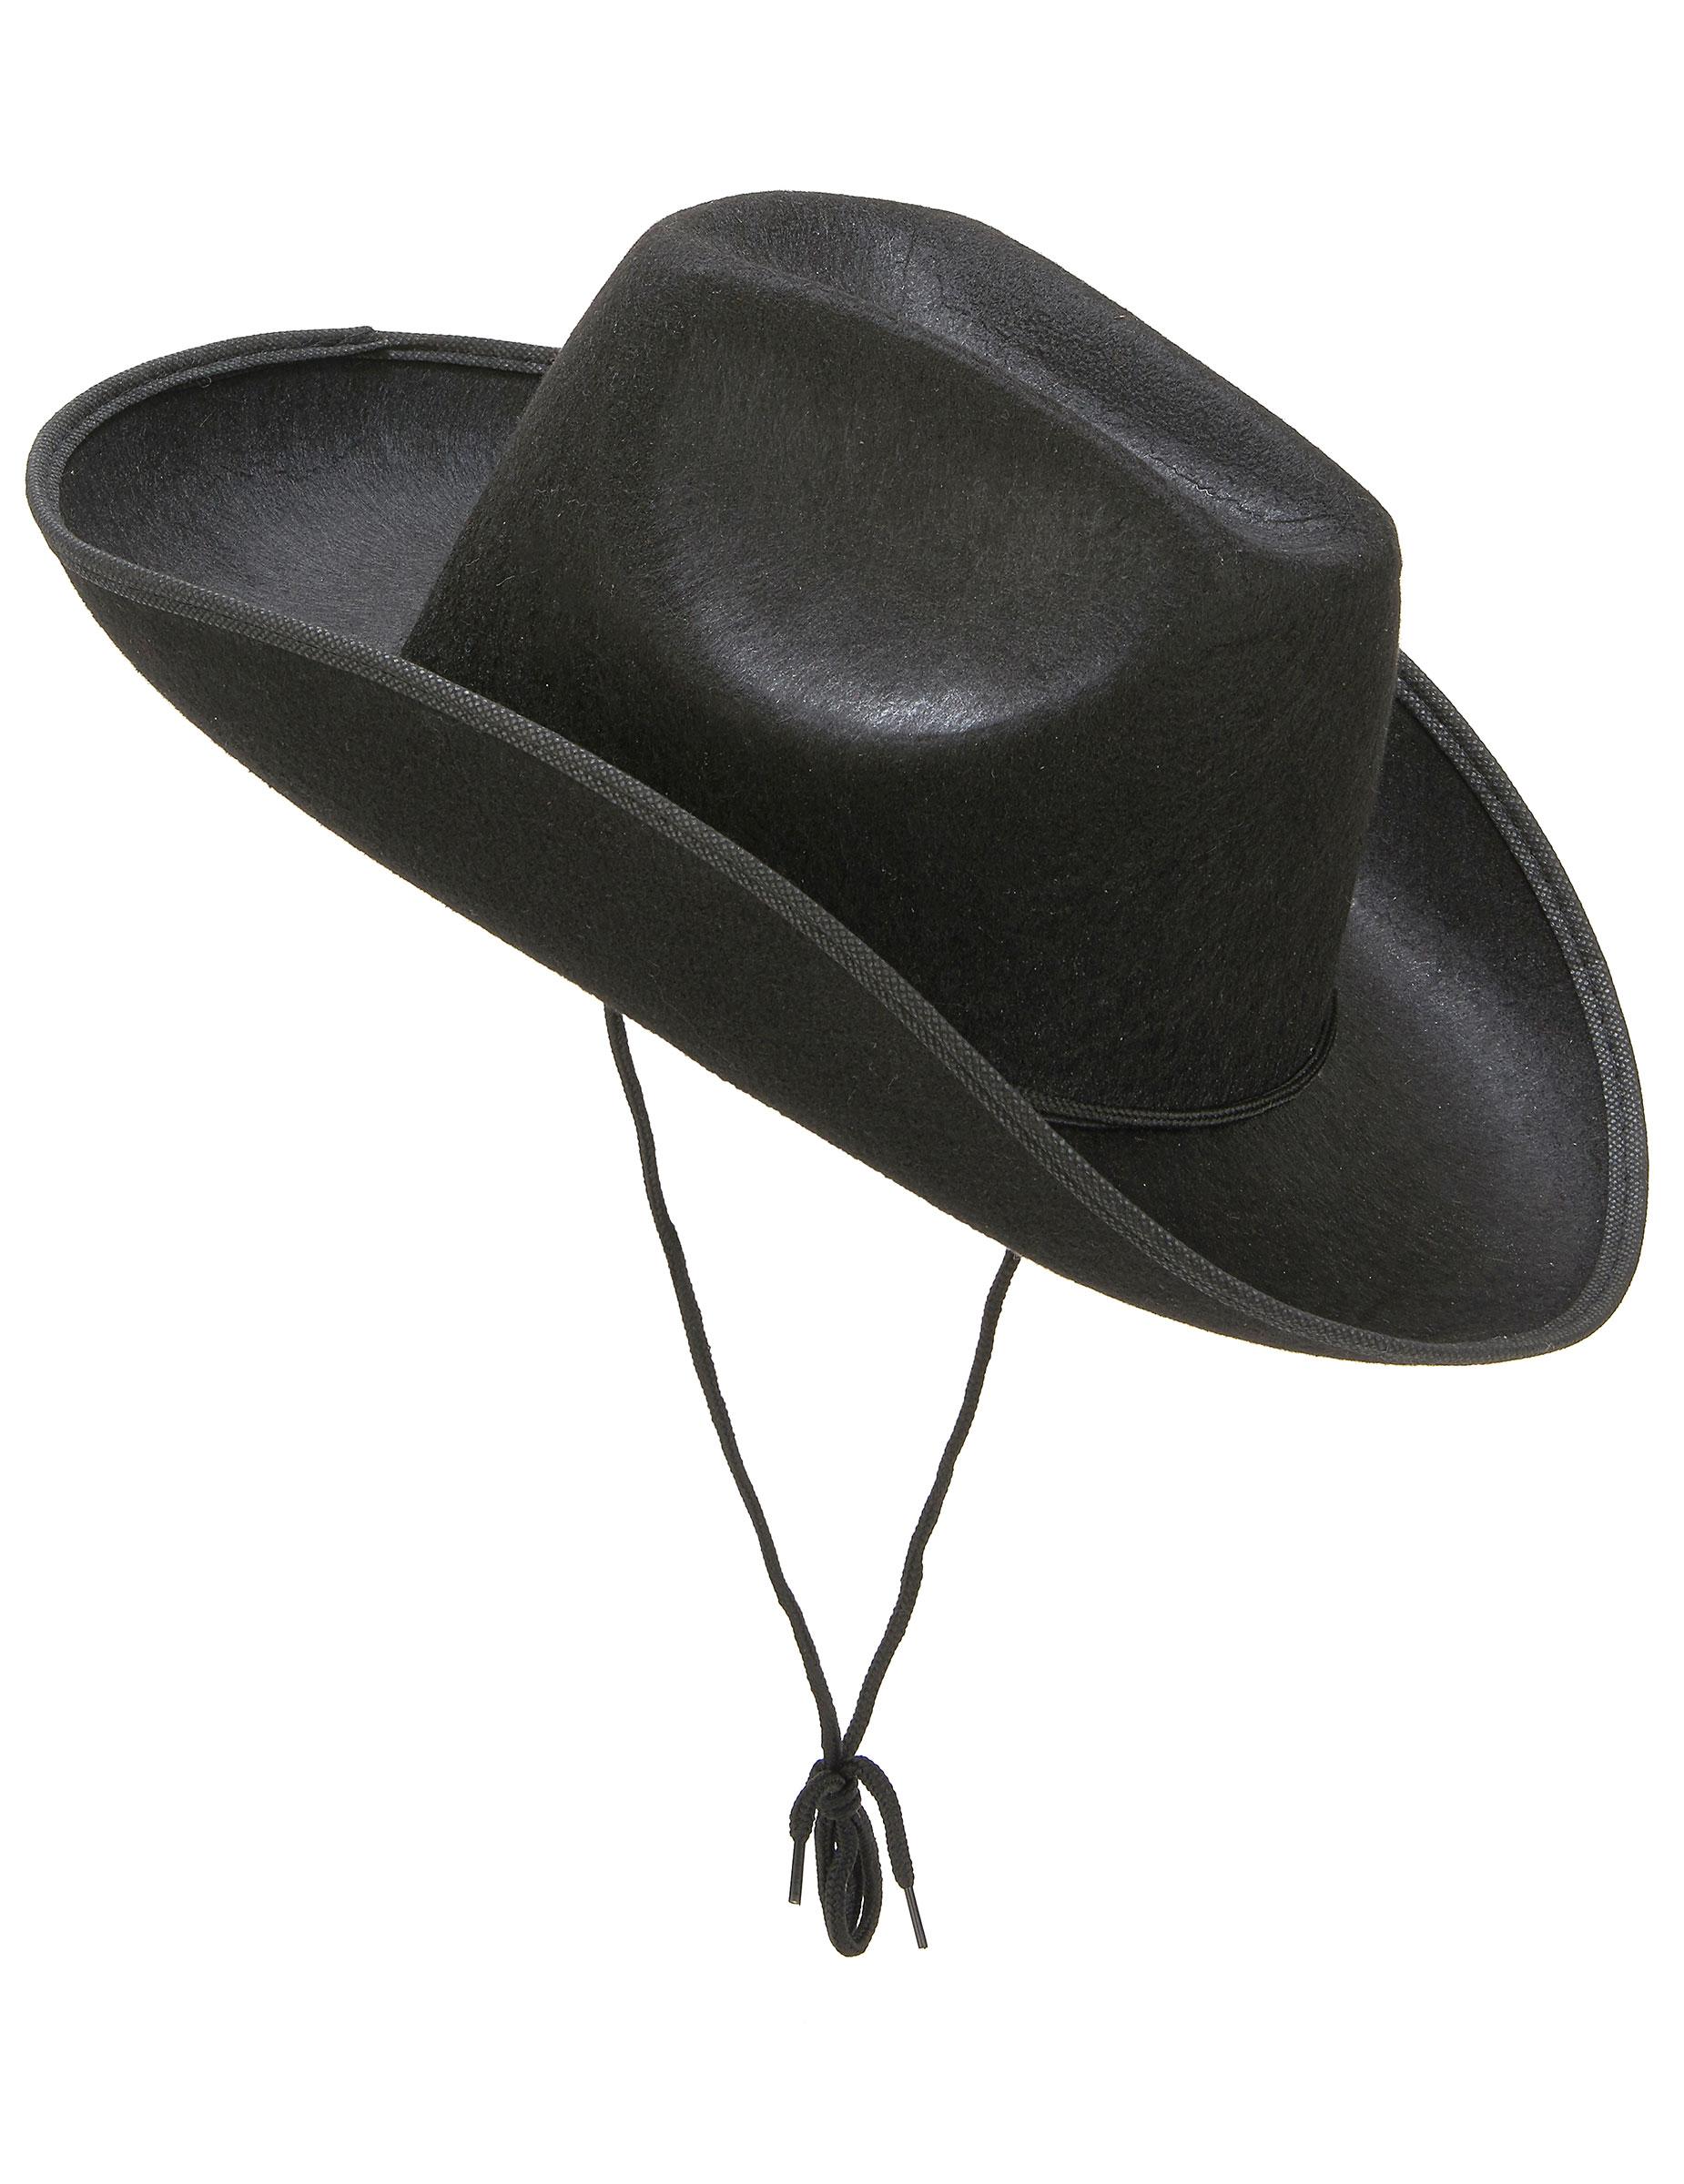 limpide en vue 100% de haute qualité profiter de prix bas Chapeau cowboy noir adulte avec cordelette